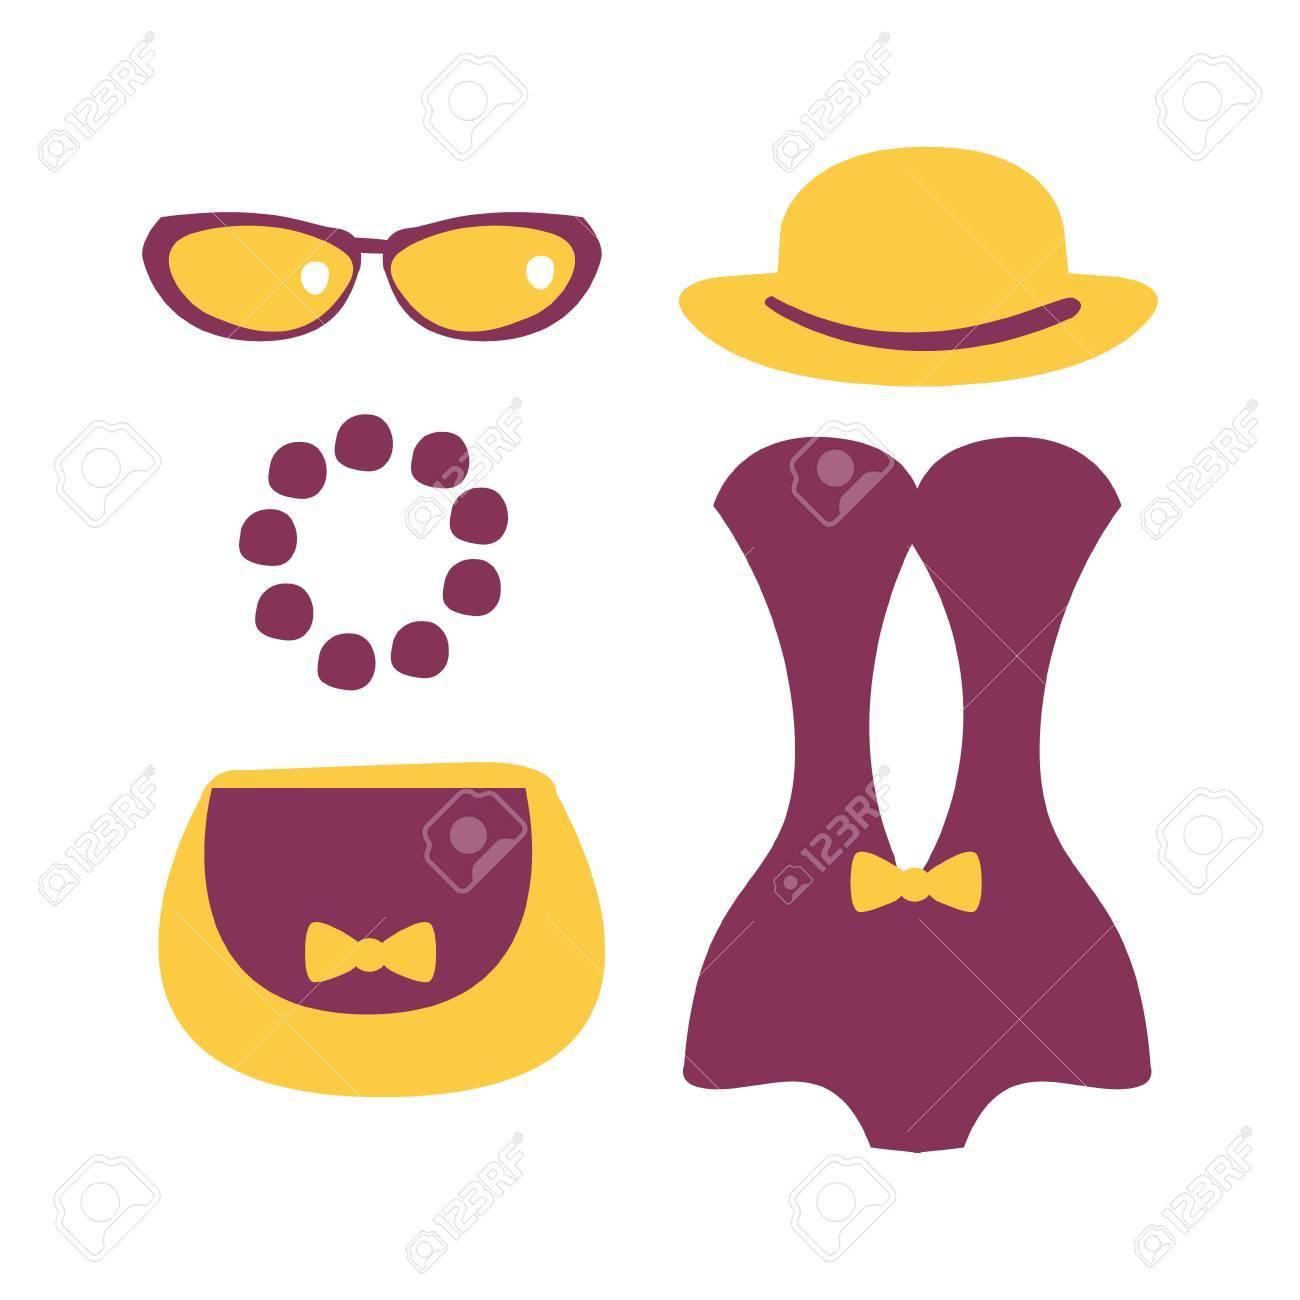 Banque d\u0027images , Maillot de bain violet avec accessoires de plage.  Illustration de dessin animé coloré